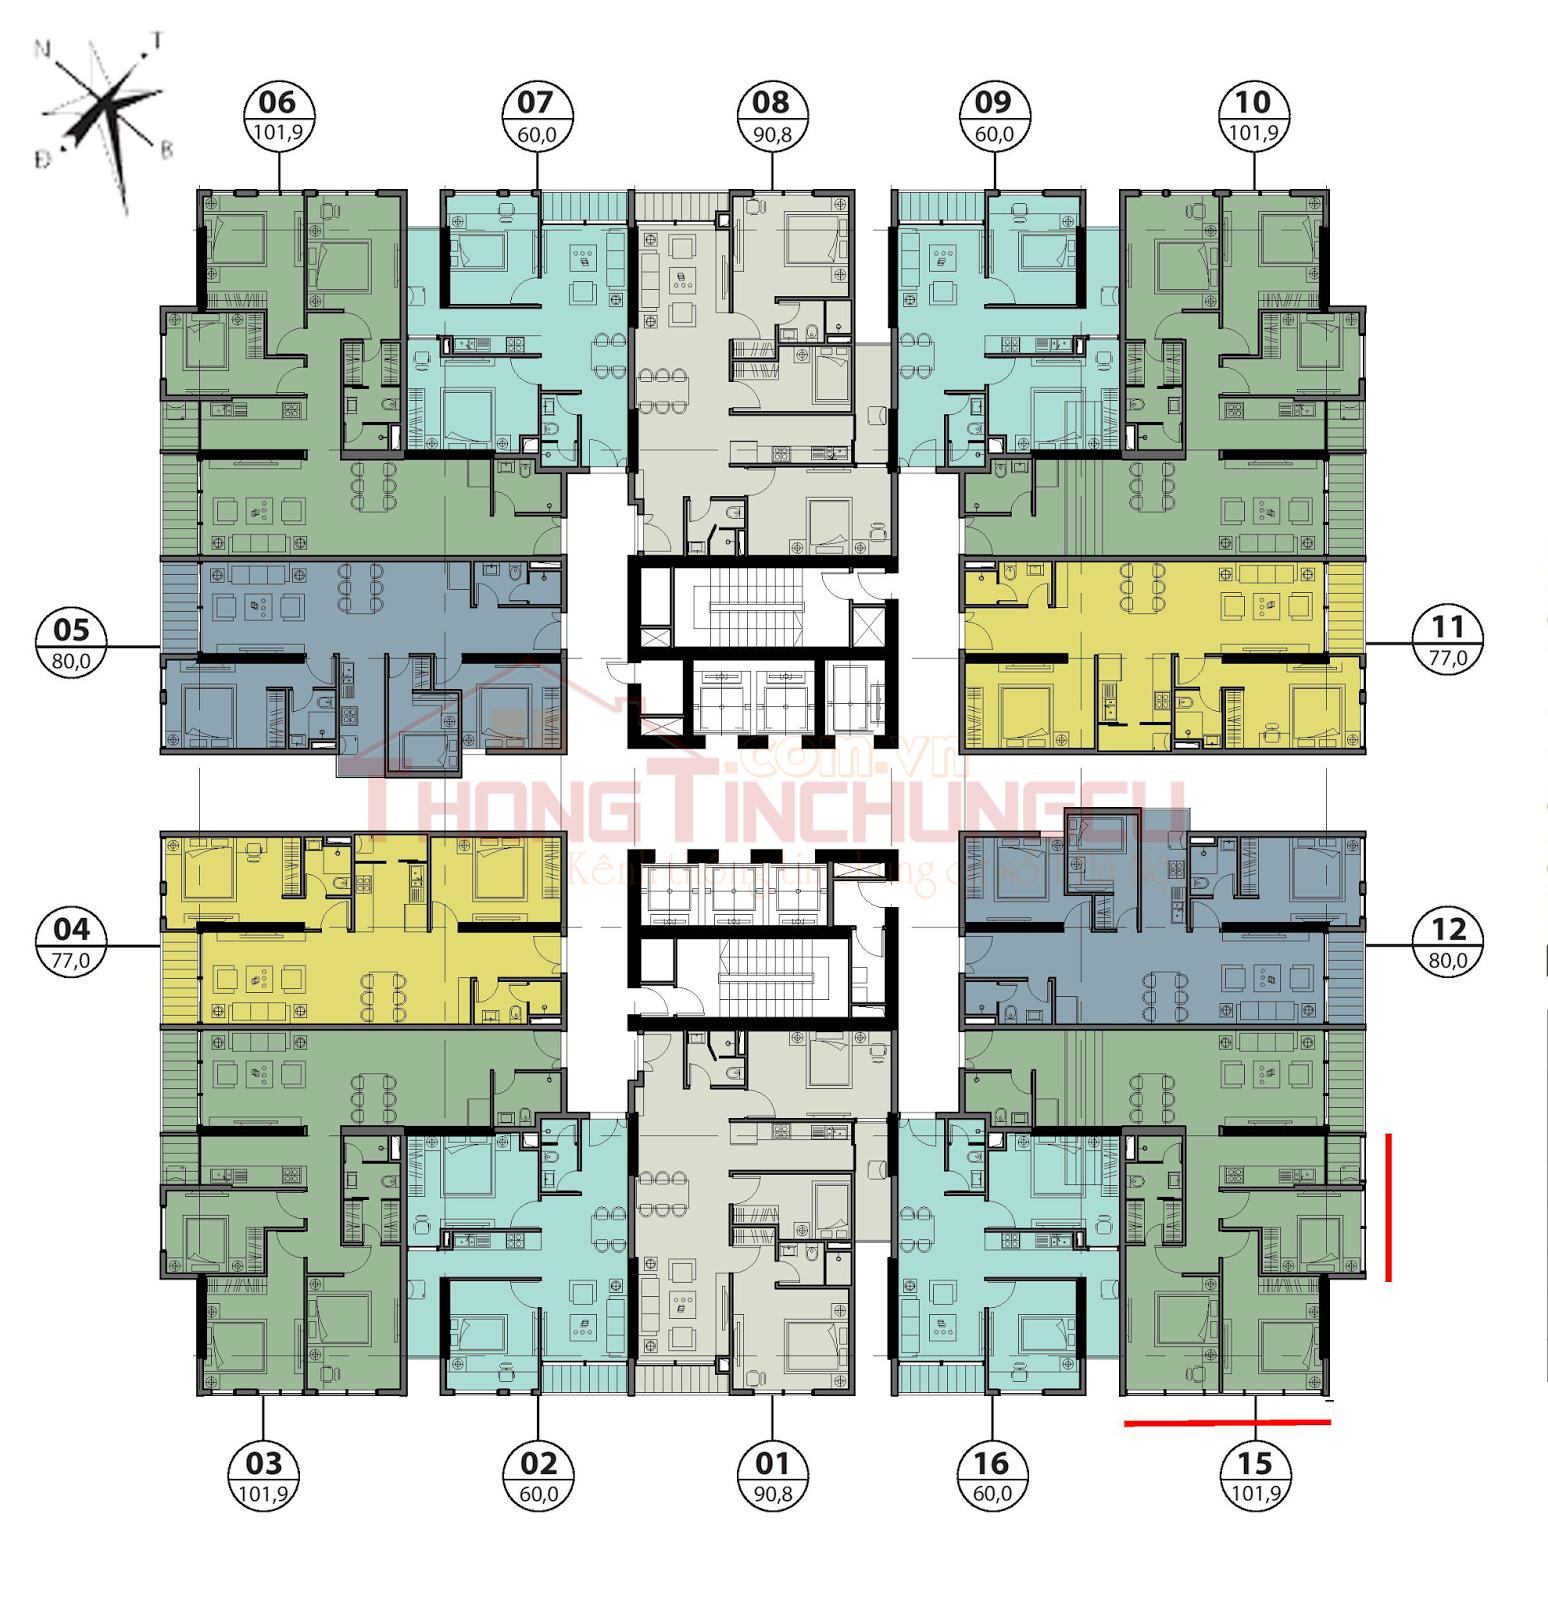 Mặt bằng điển hình tầng 7, 8, 9 - Tòa Autumn GoldSeason